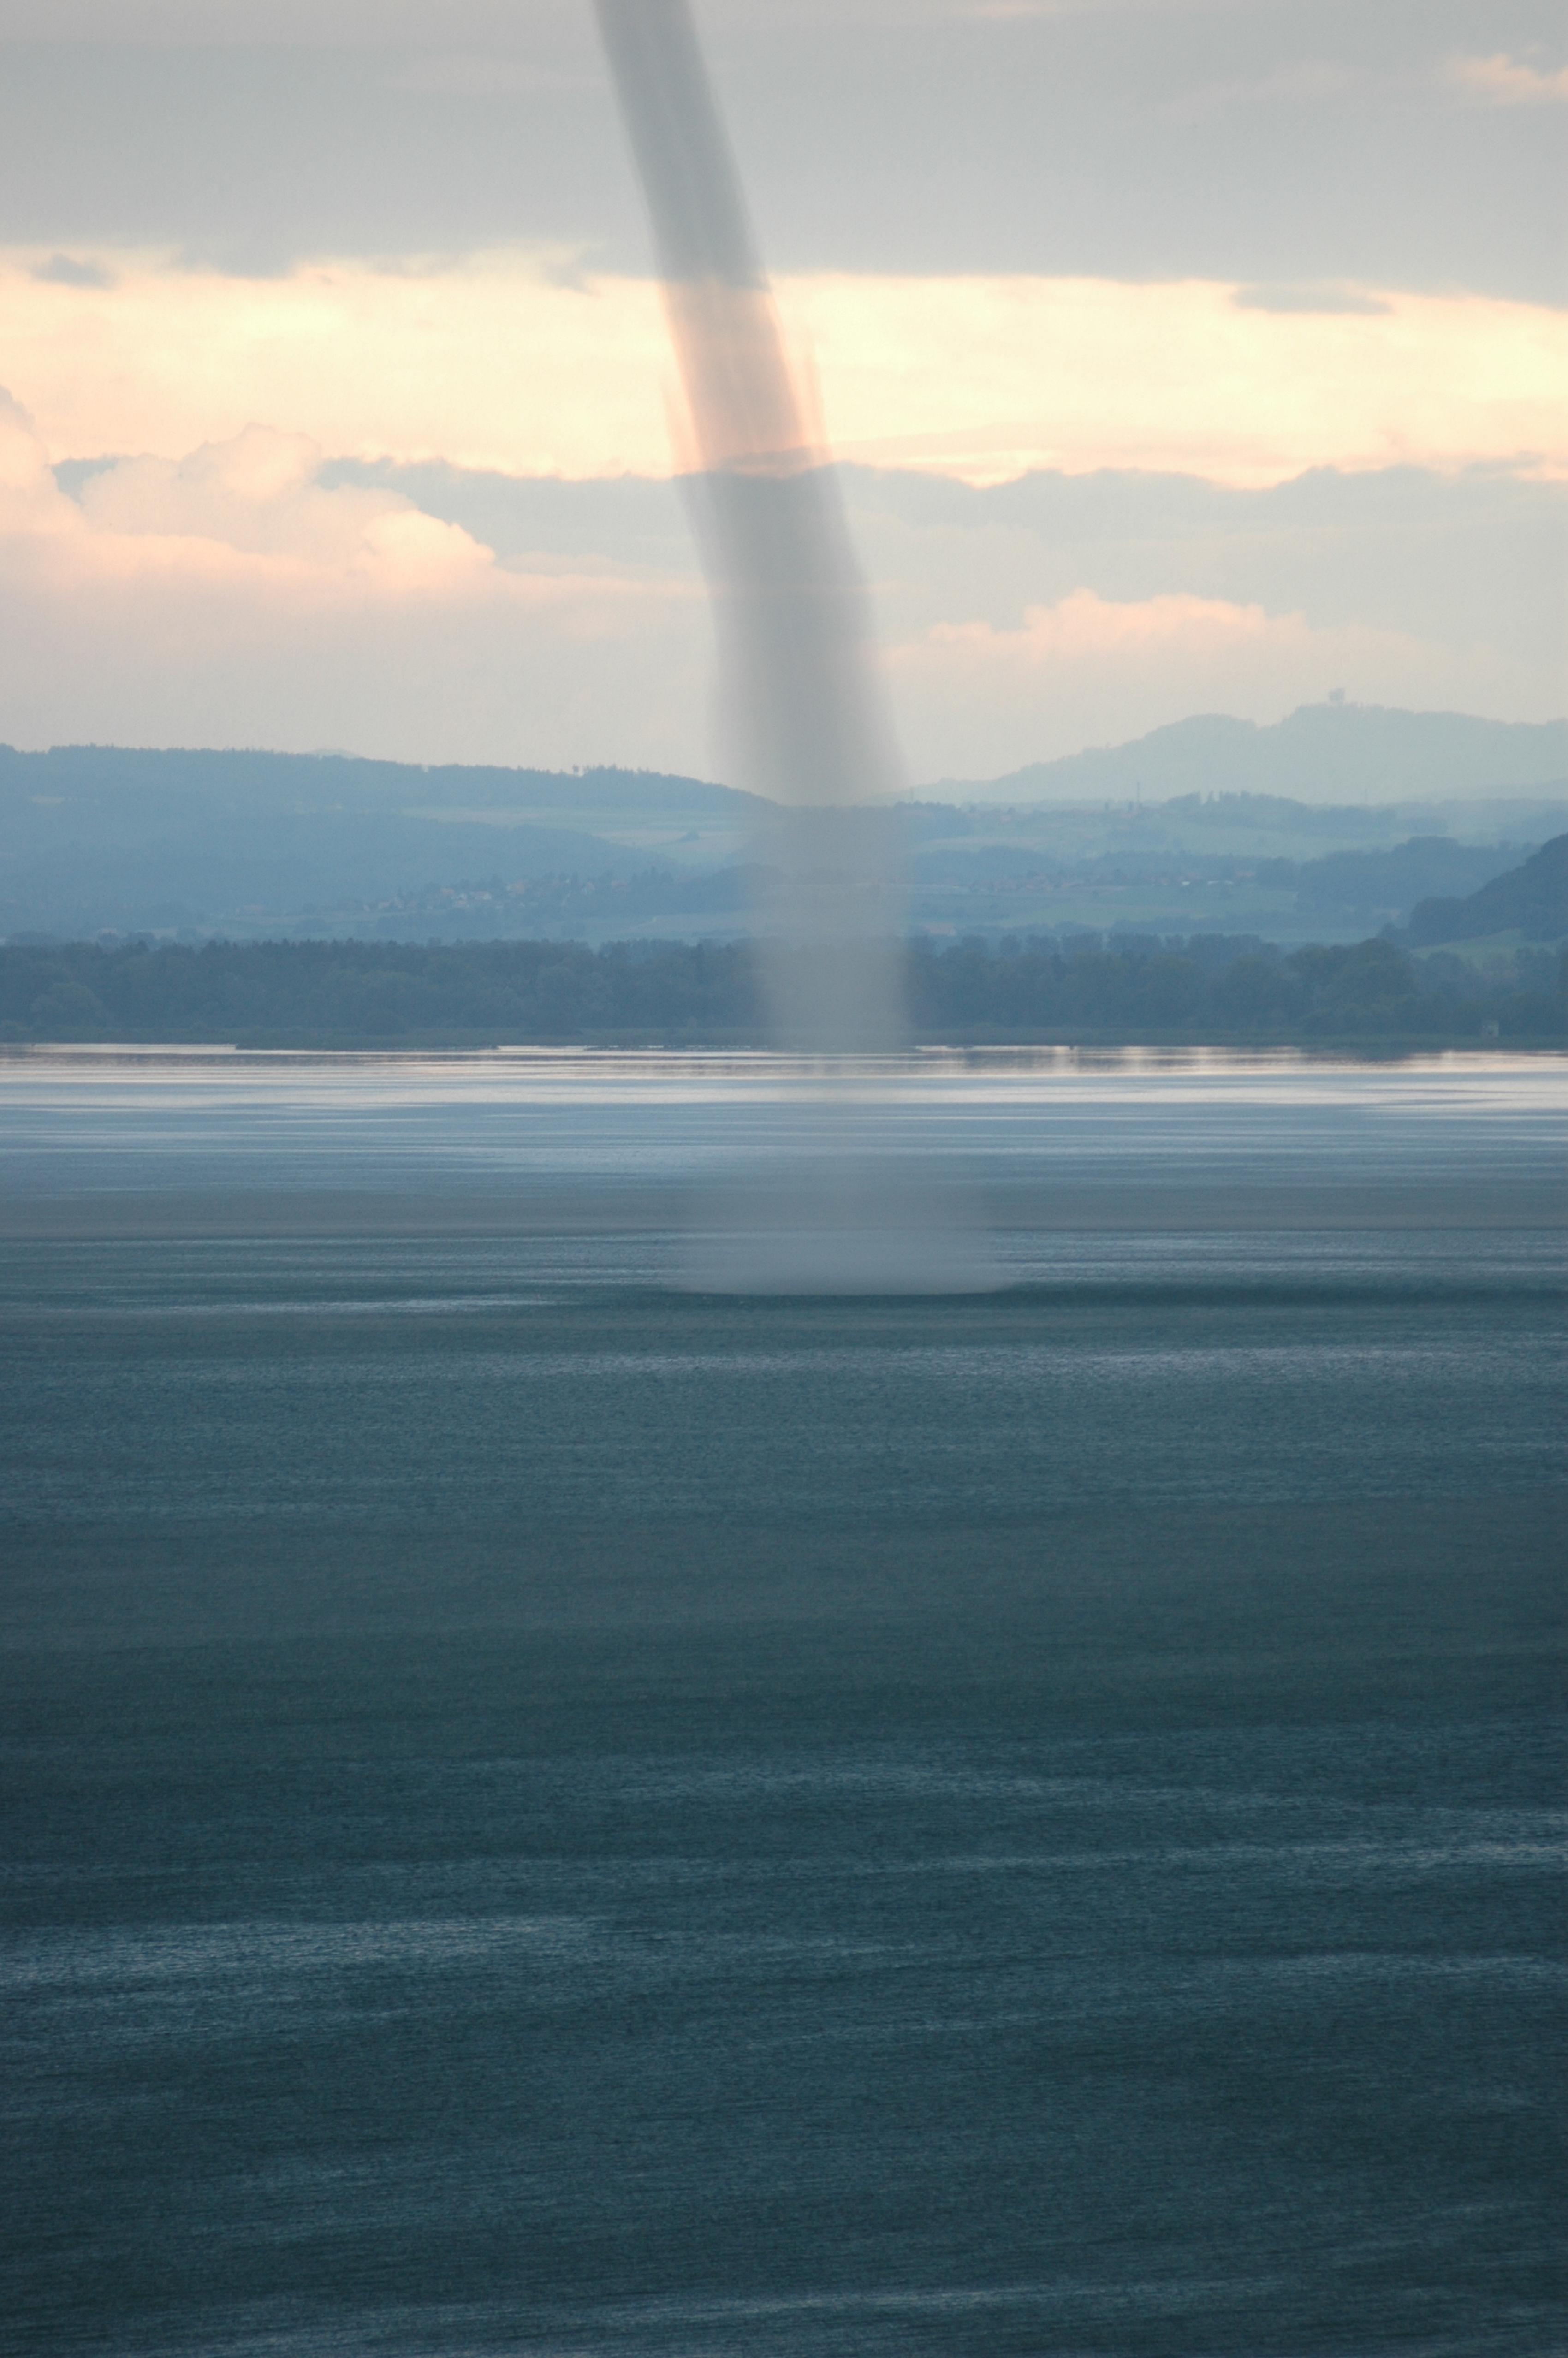 21082007 TornadoWasserhose ber dem Neuenburgersee